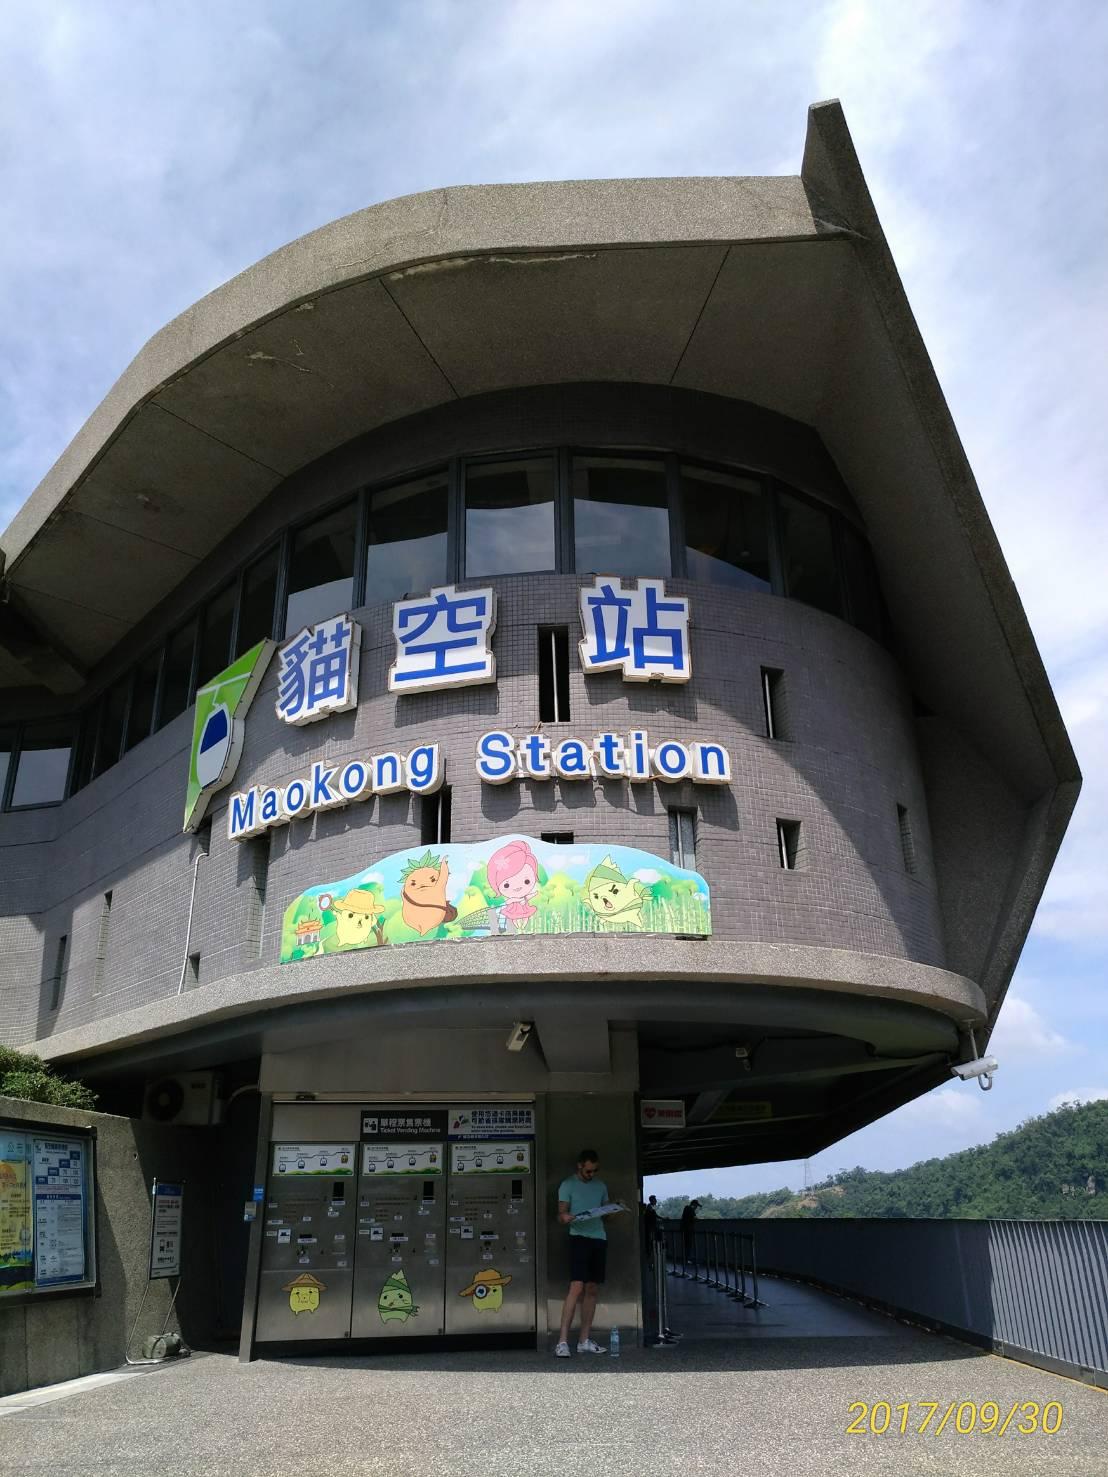 台湾・台北の猫空駅(マウコンと発音する)